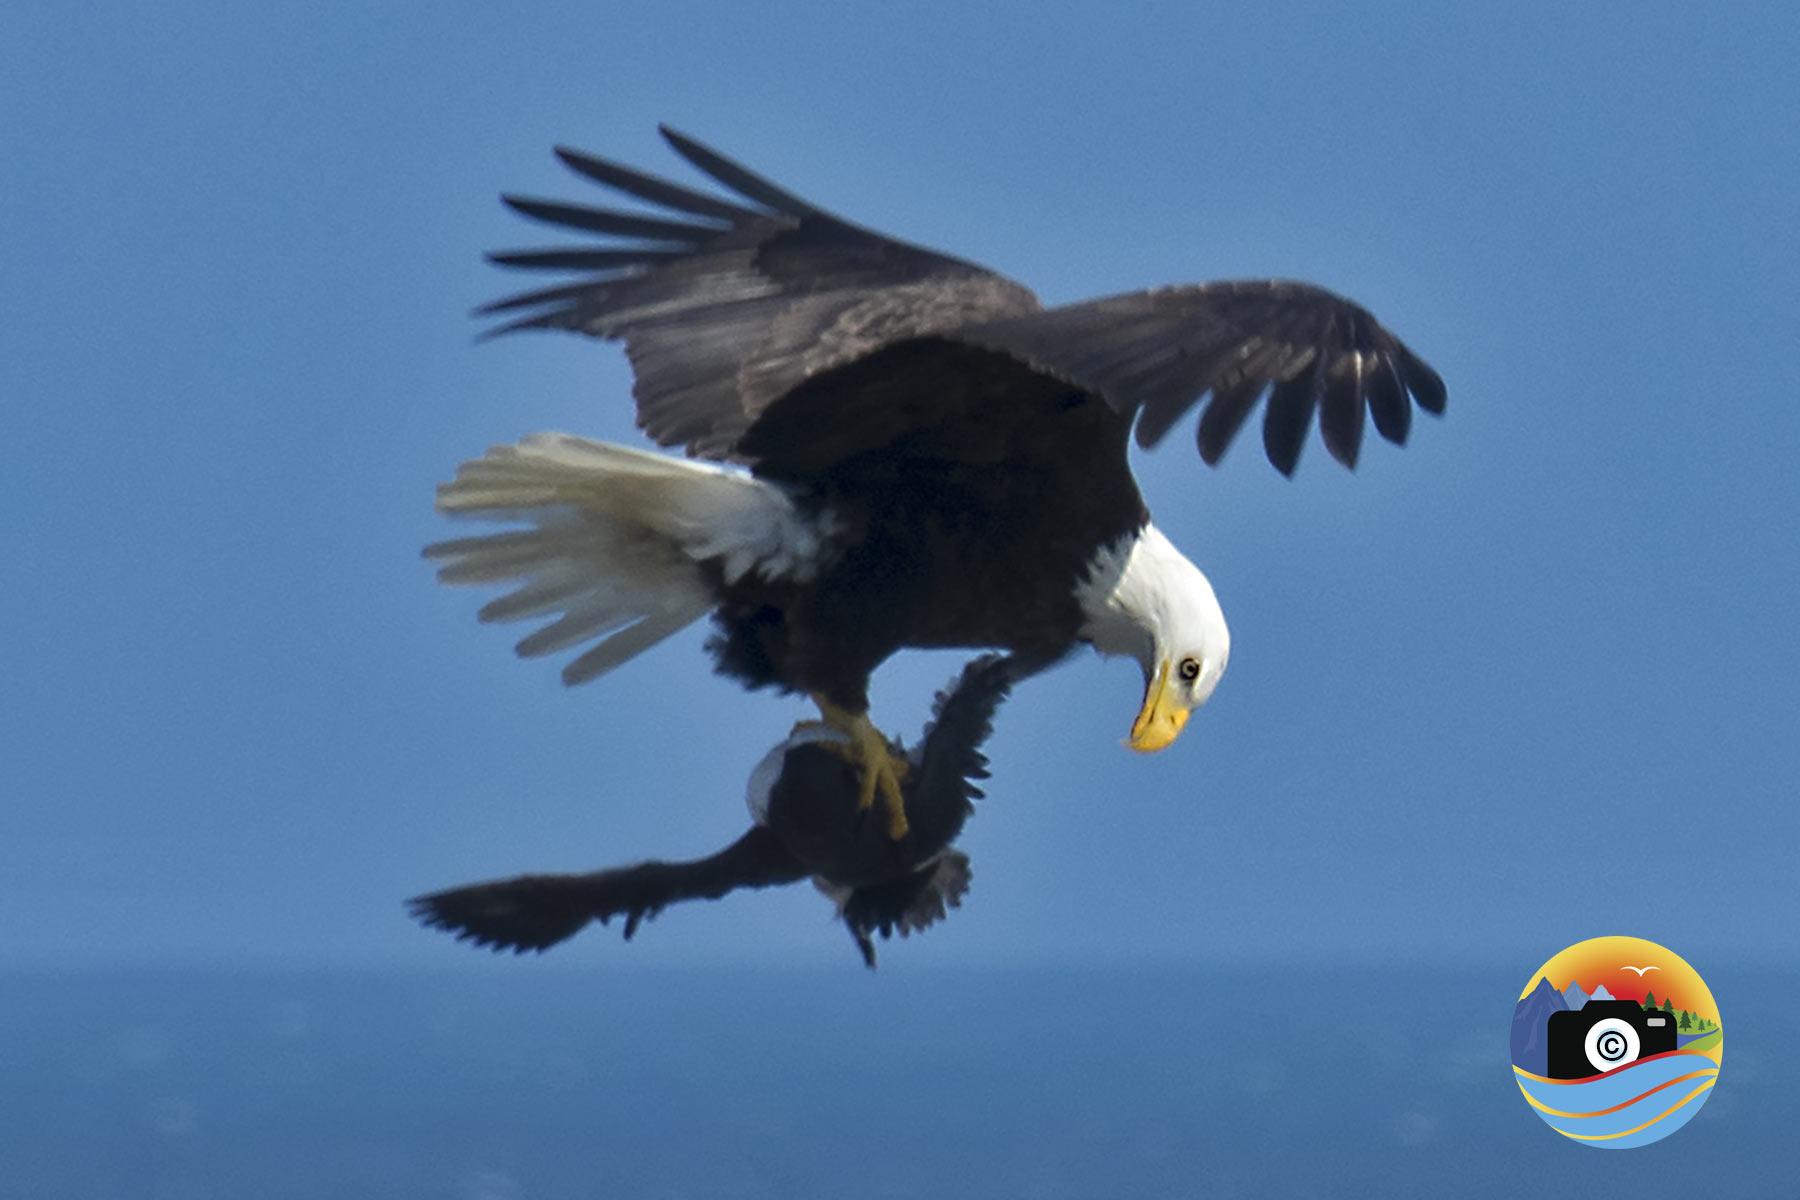 EAGLE-EATS-2